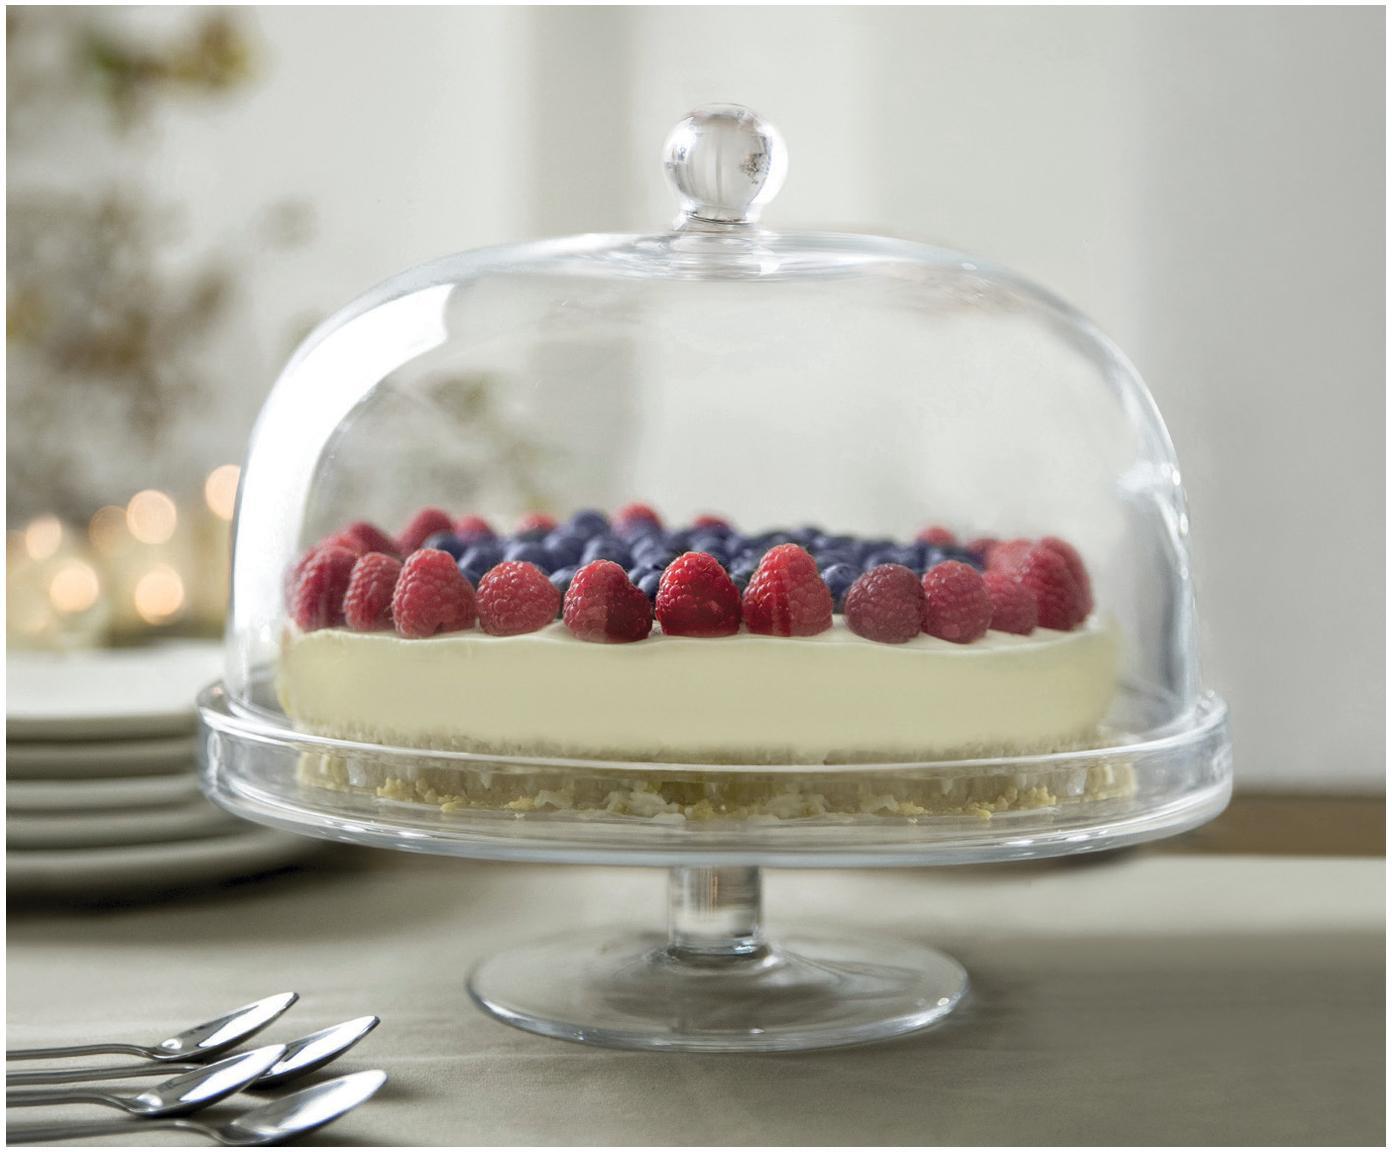 Krištáľový podstavec na tortu Lia, Priesvitná